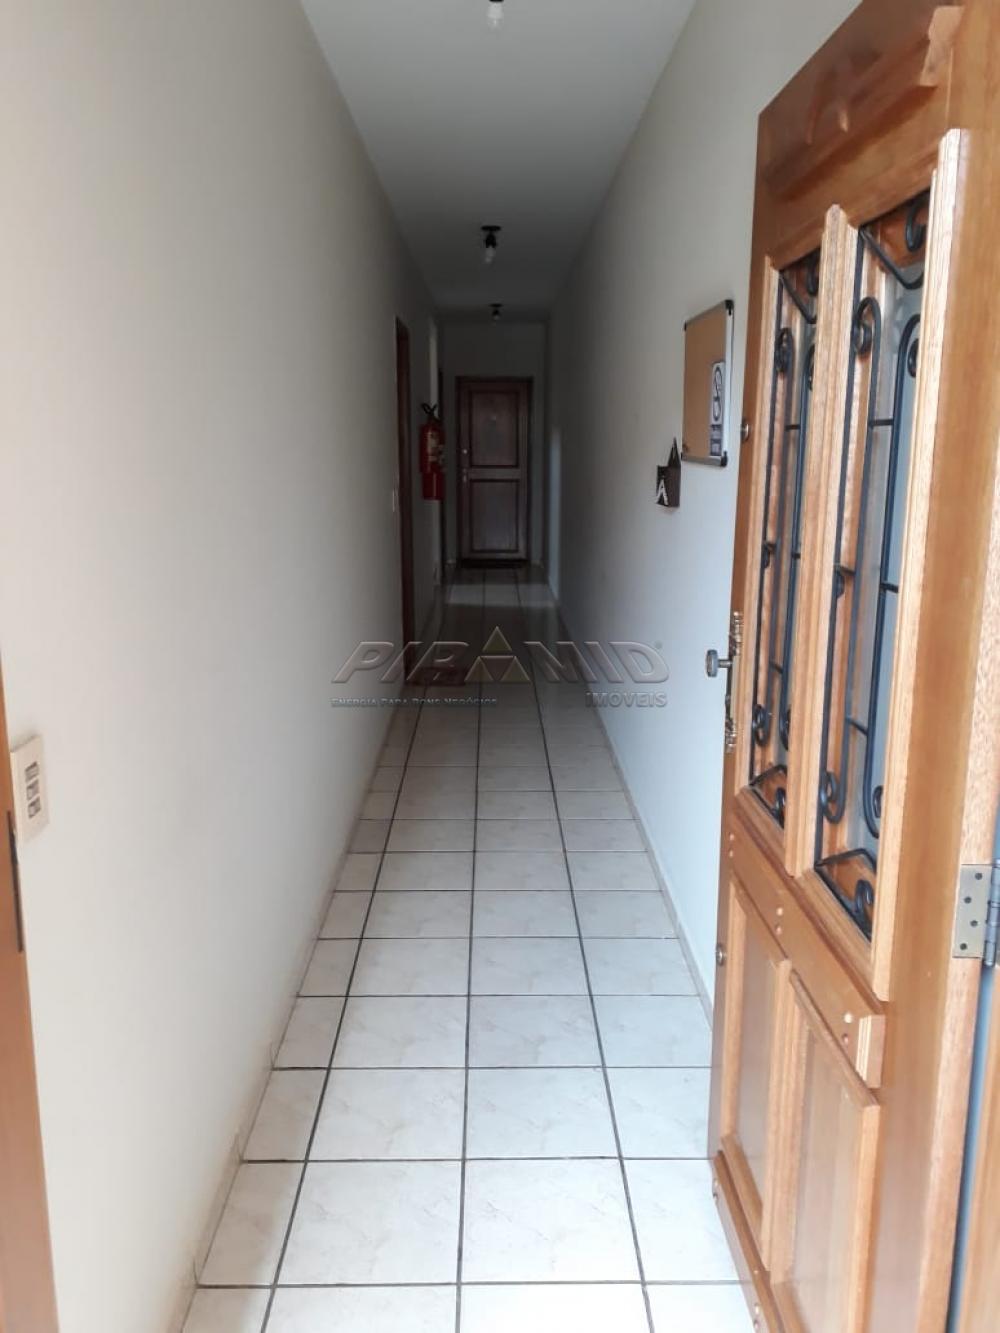 Comprar Apartamento / Padrão em Ribeirão Preto R$ 320.000,00 - Foto 22